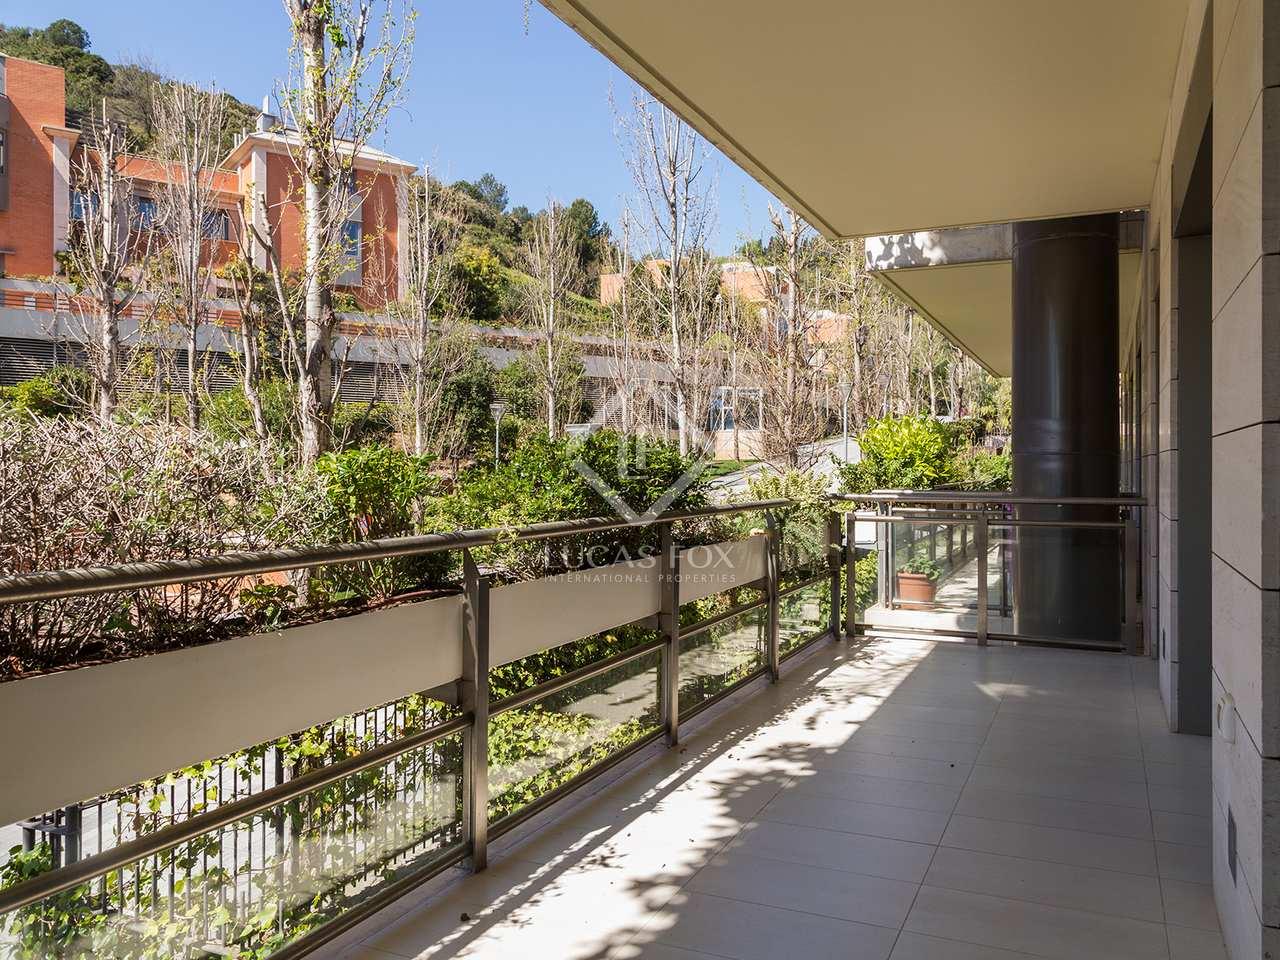 Appartement de 115m a louer sant gervasi la bonanova for Appartement a louer a barcelone avec piscine